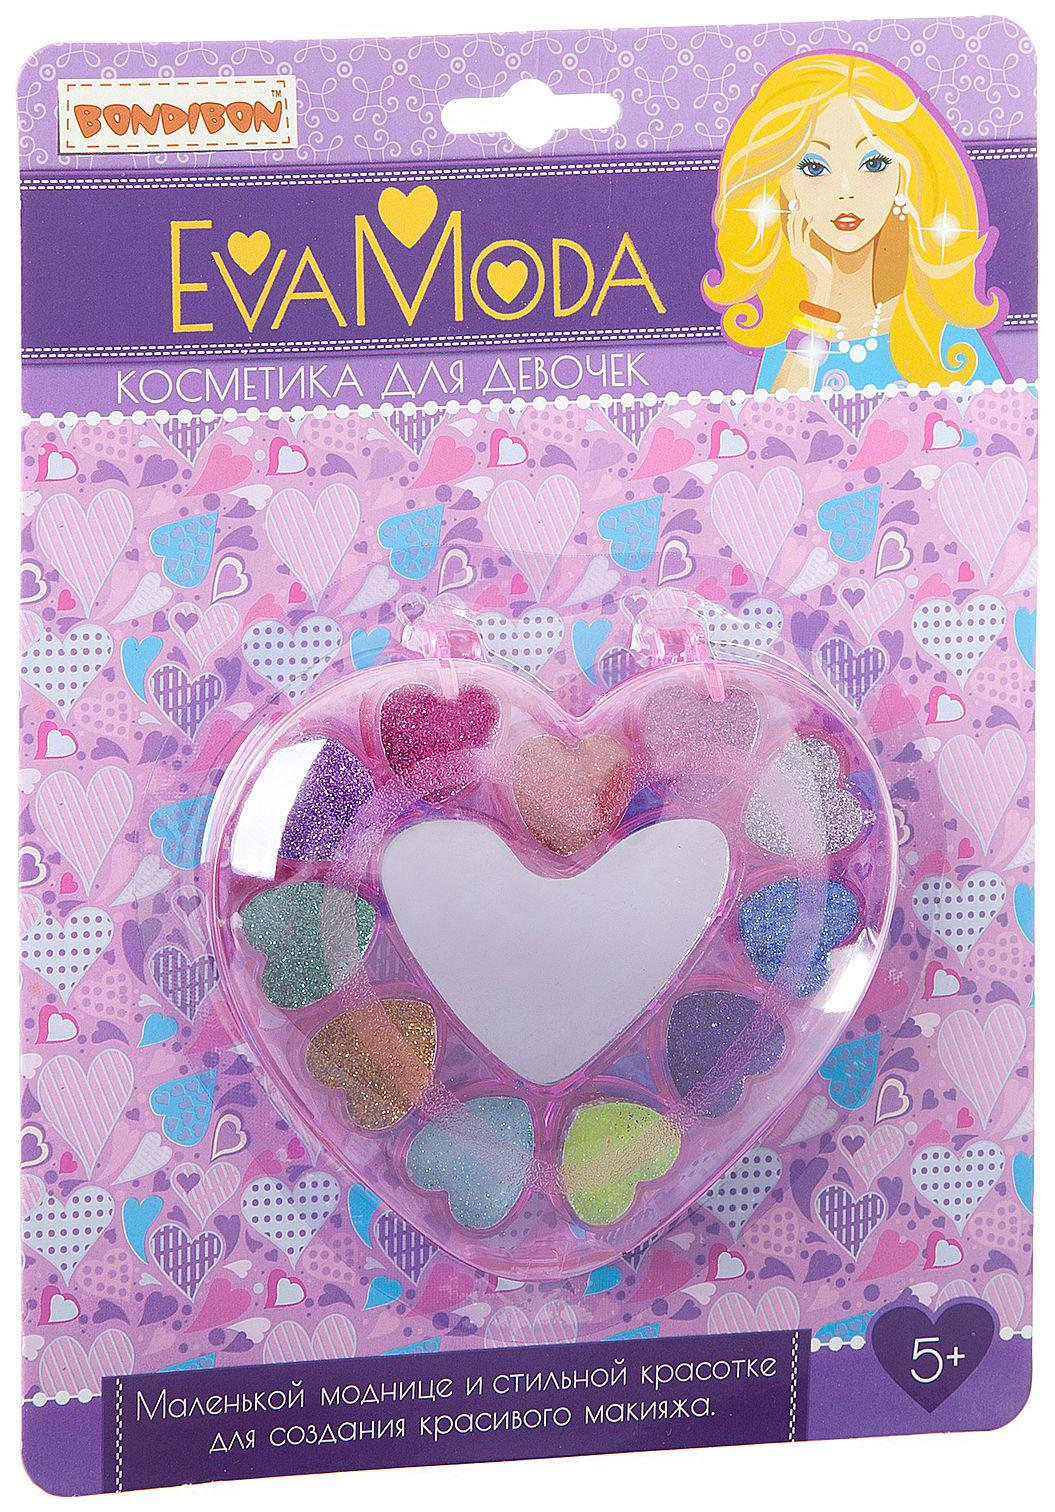 Купить Набор детской косметики Bondibon Eva Moda Сердце с тенями,